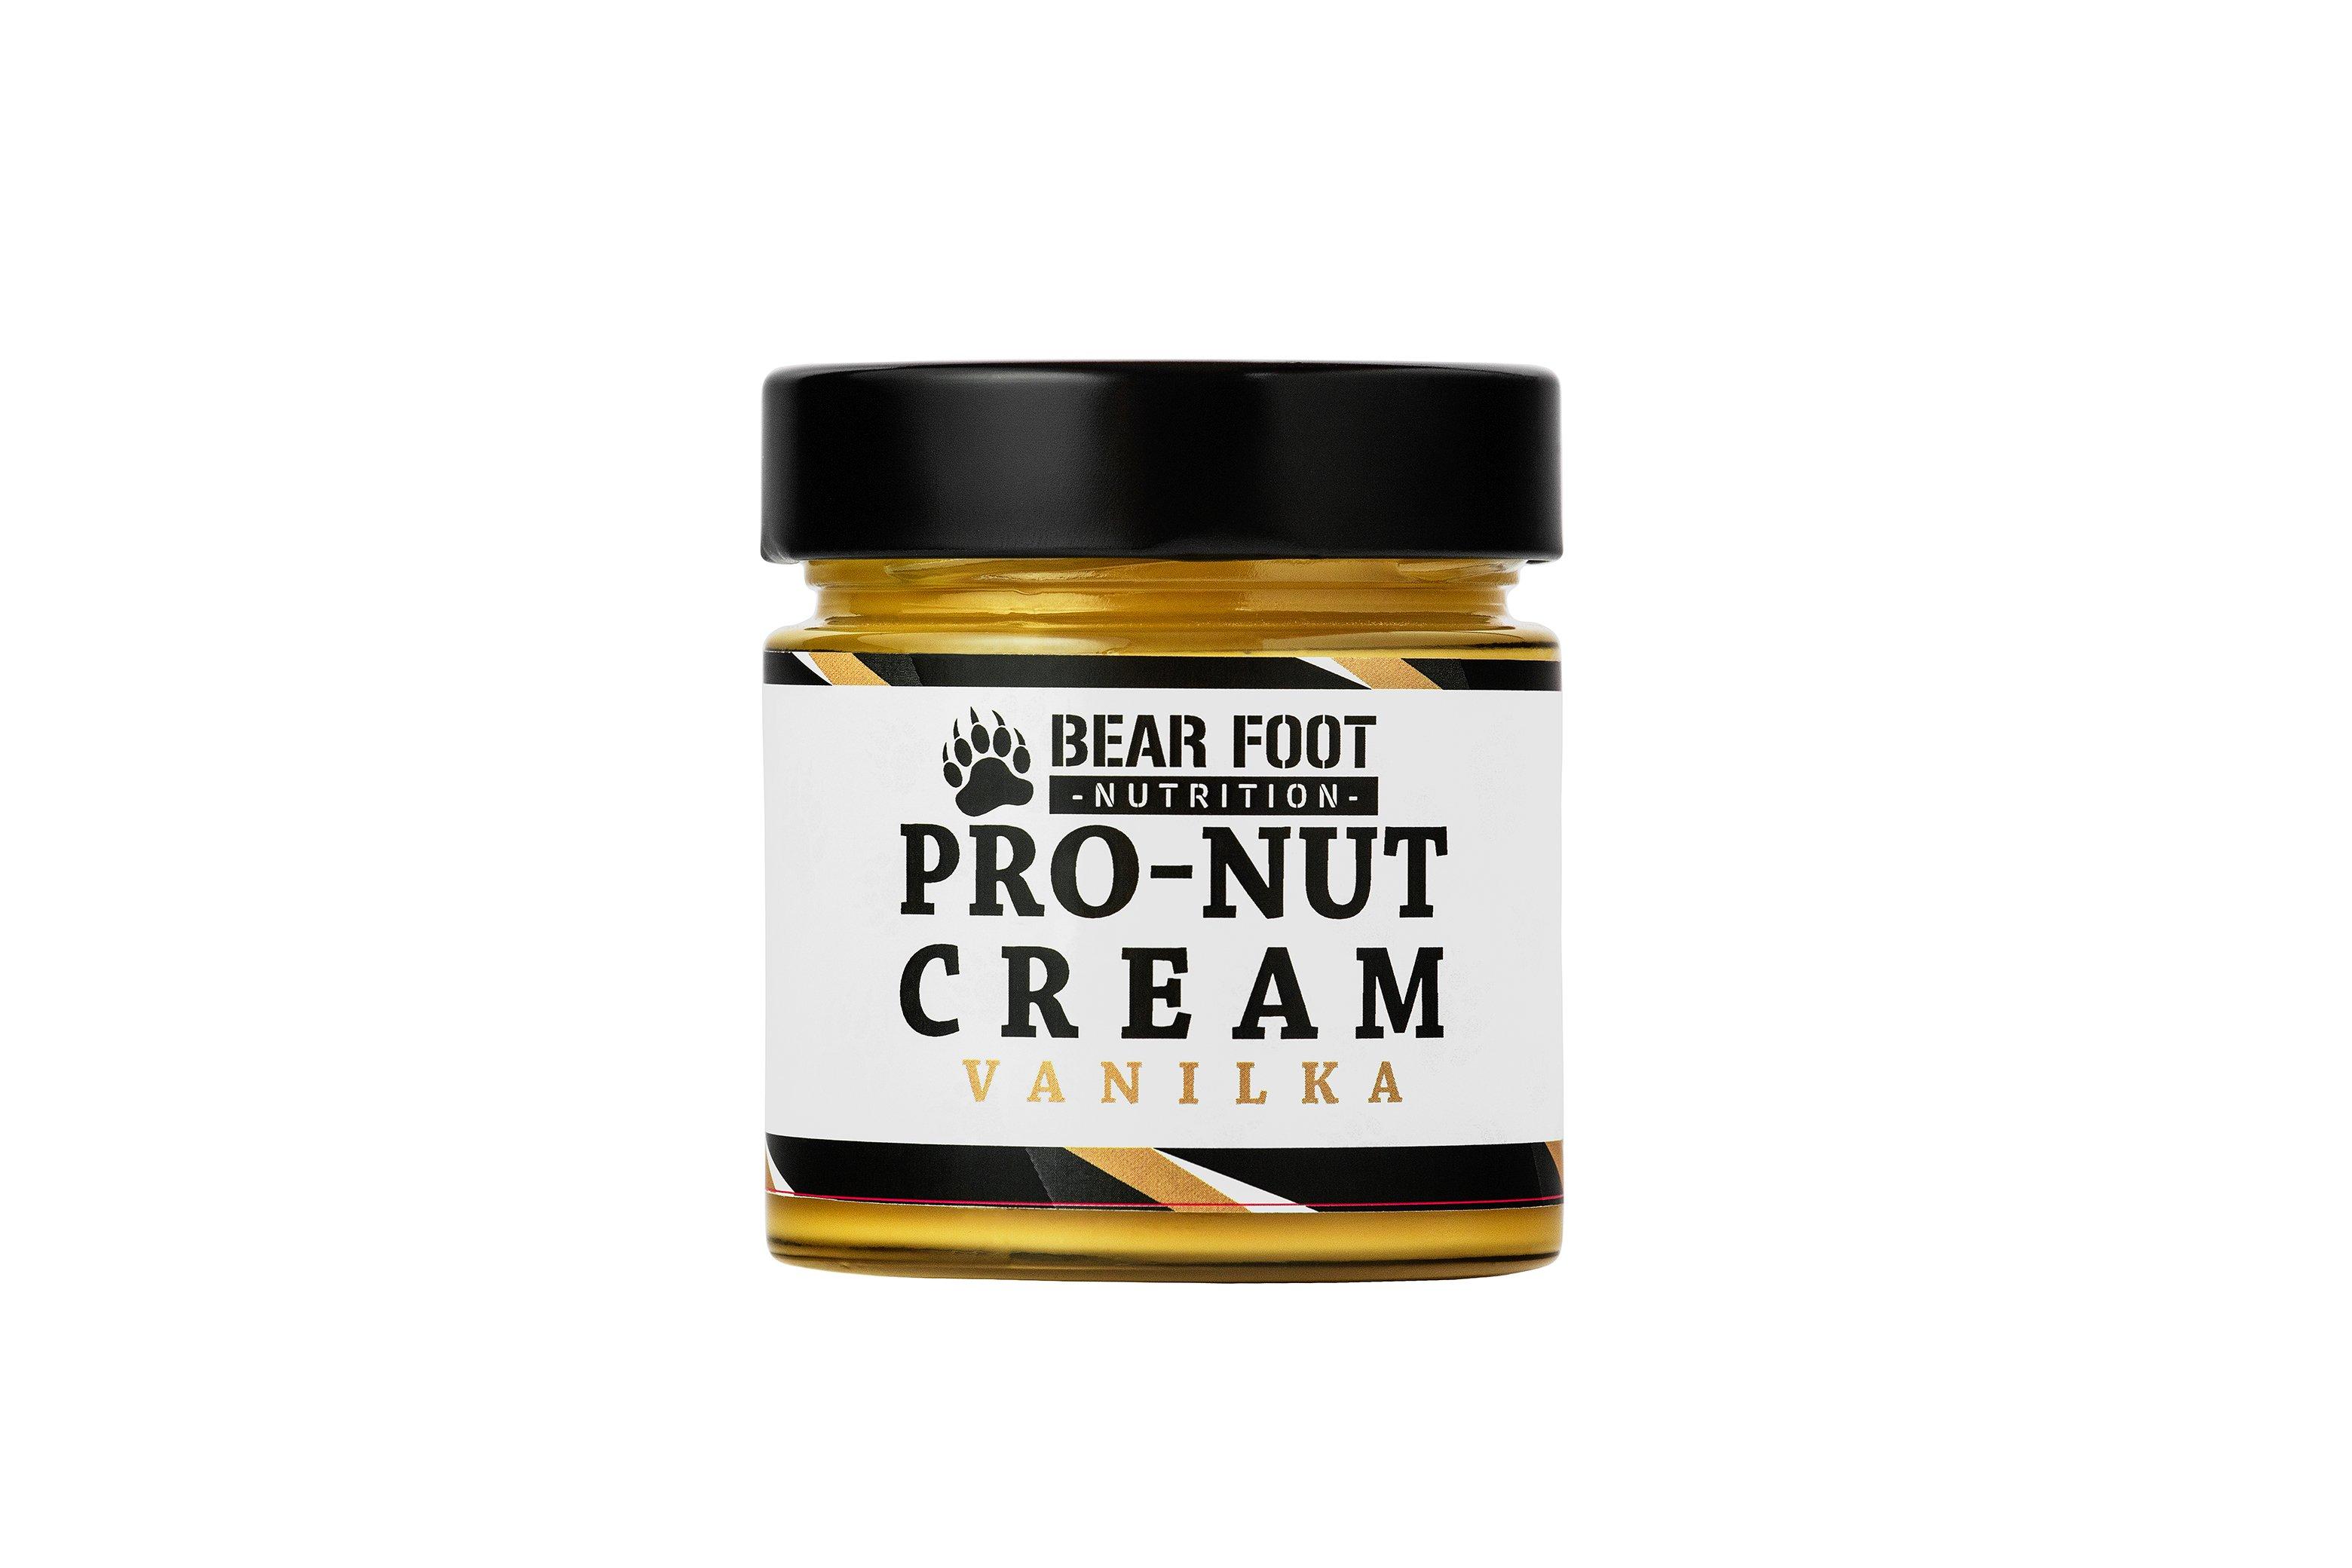 Bear Foot Pro-Nut Cream, vanilka, 250g